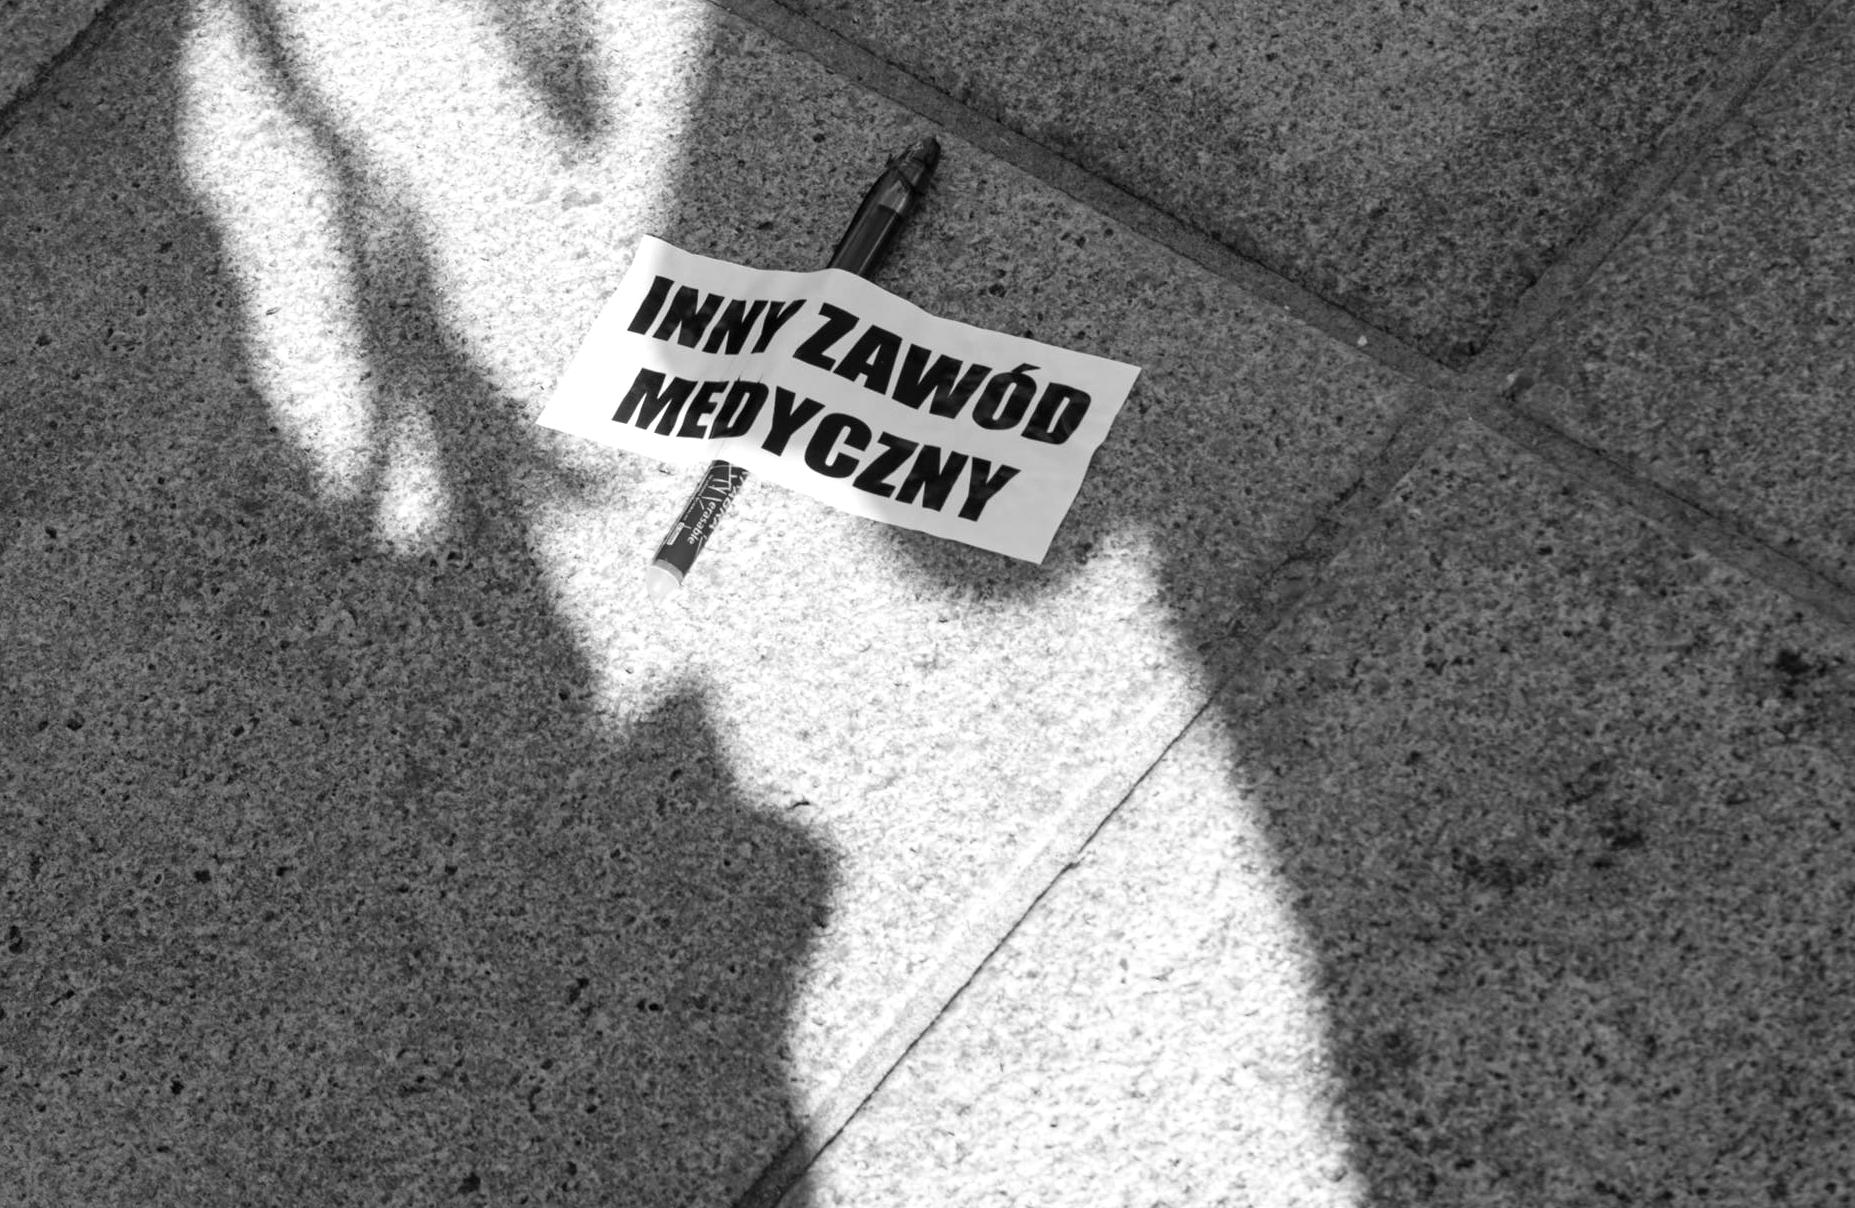 Nieoficjalnie: Próba samobójcza podczas protestu medyków